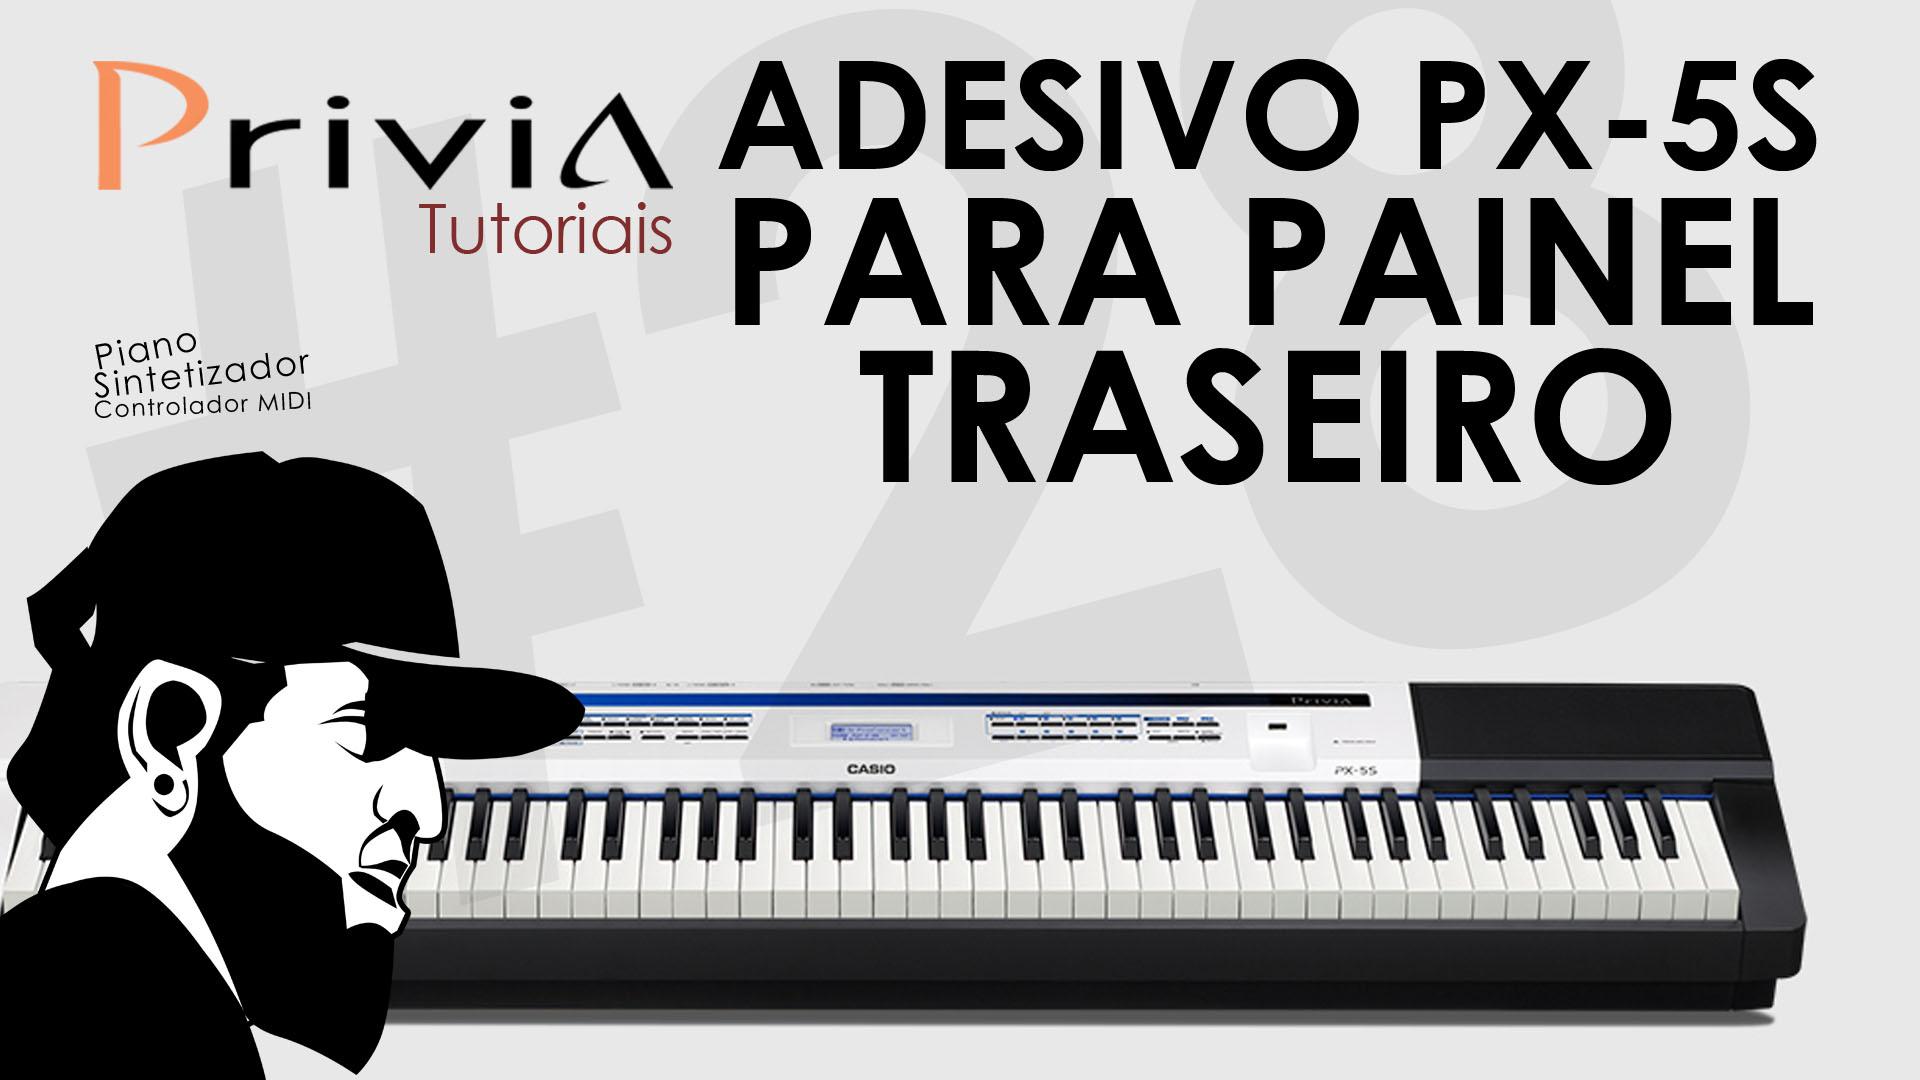 Adesivo PX-5S Para Seu Privia De RODRIGO VIEIRA | Tutorial Casio Privia PX-5S #28